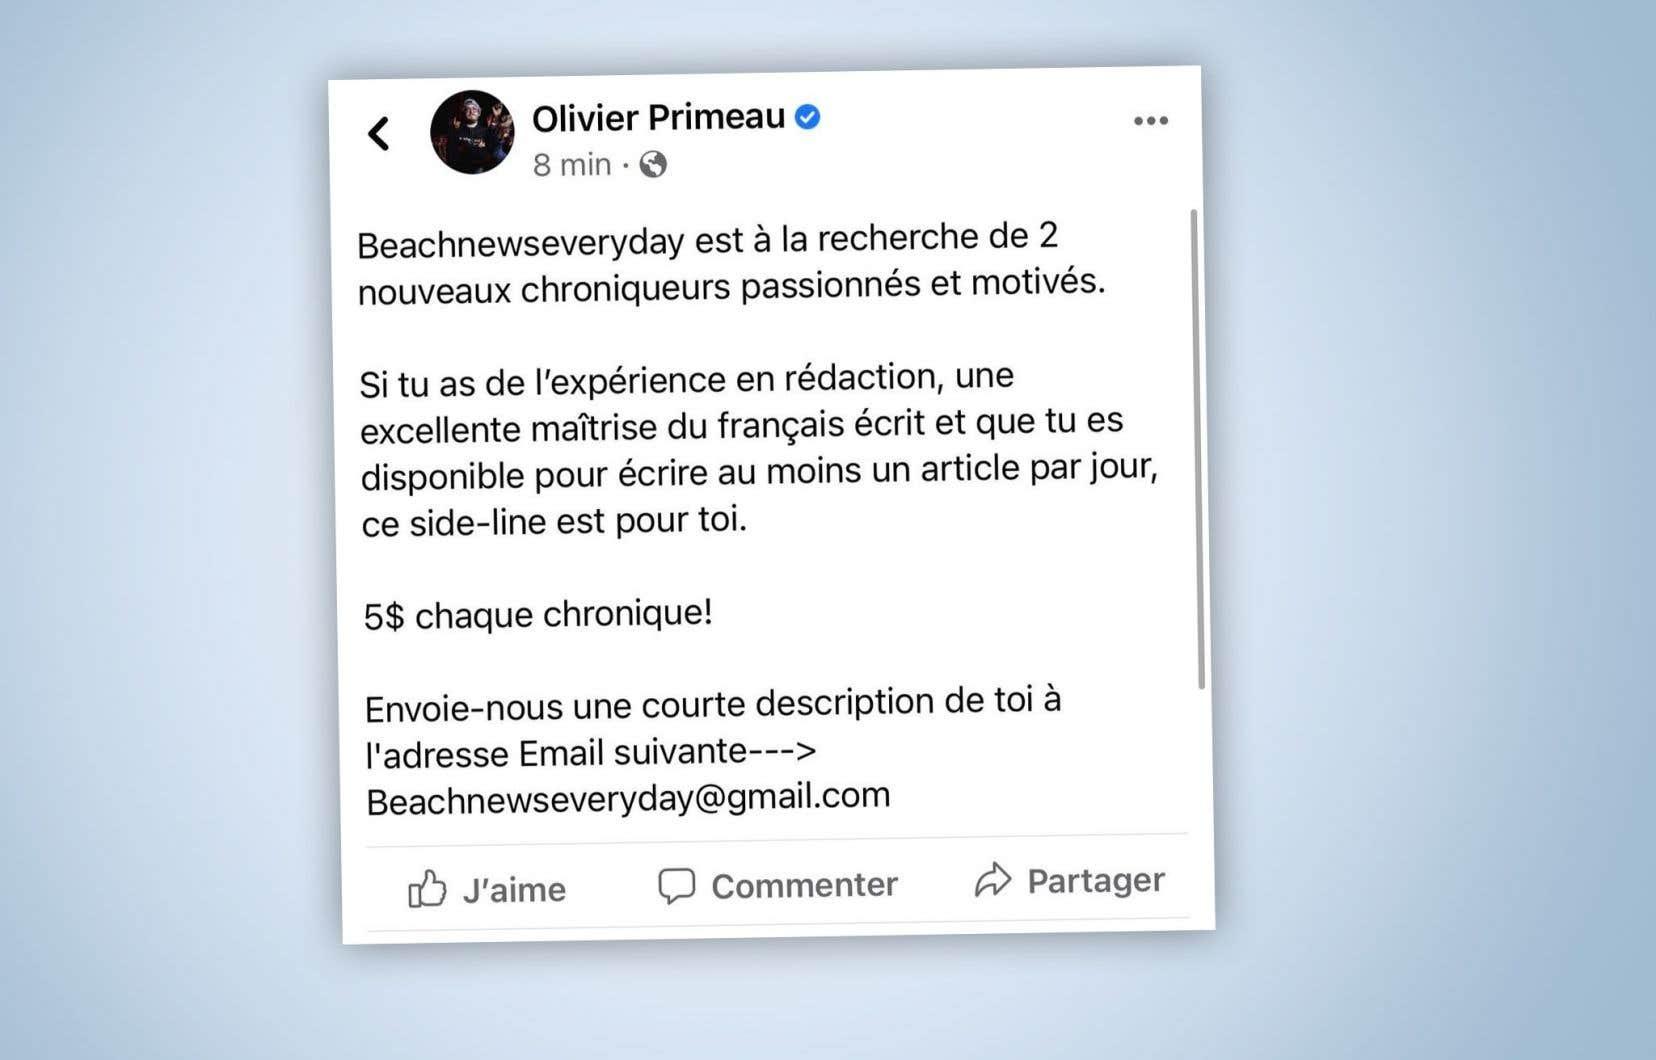 «Si tu as de l'expérience en rédaction, une excellente maîtrise du français et que tu es disponible pour écrire au moins un article par jour, ce <i>side-line</i> est pour toi. 5 $ chaque chronique!» est-il écrit dans l'offre d'emploi diffusée sur les réseaux sociaux par Olivier Primeau vendredi matin.